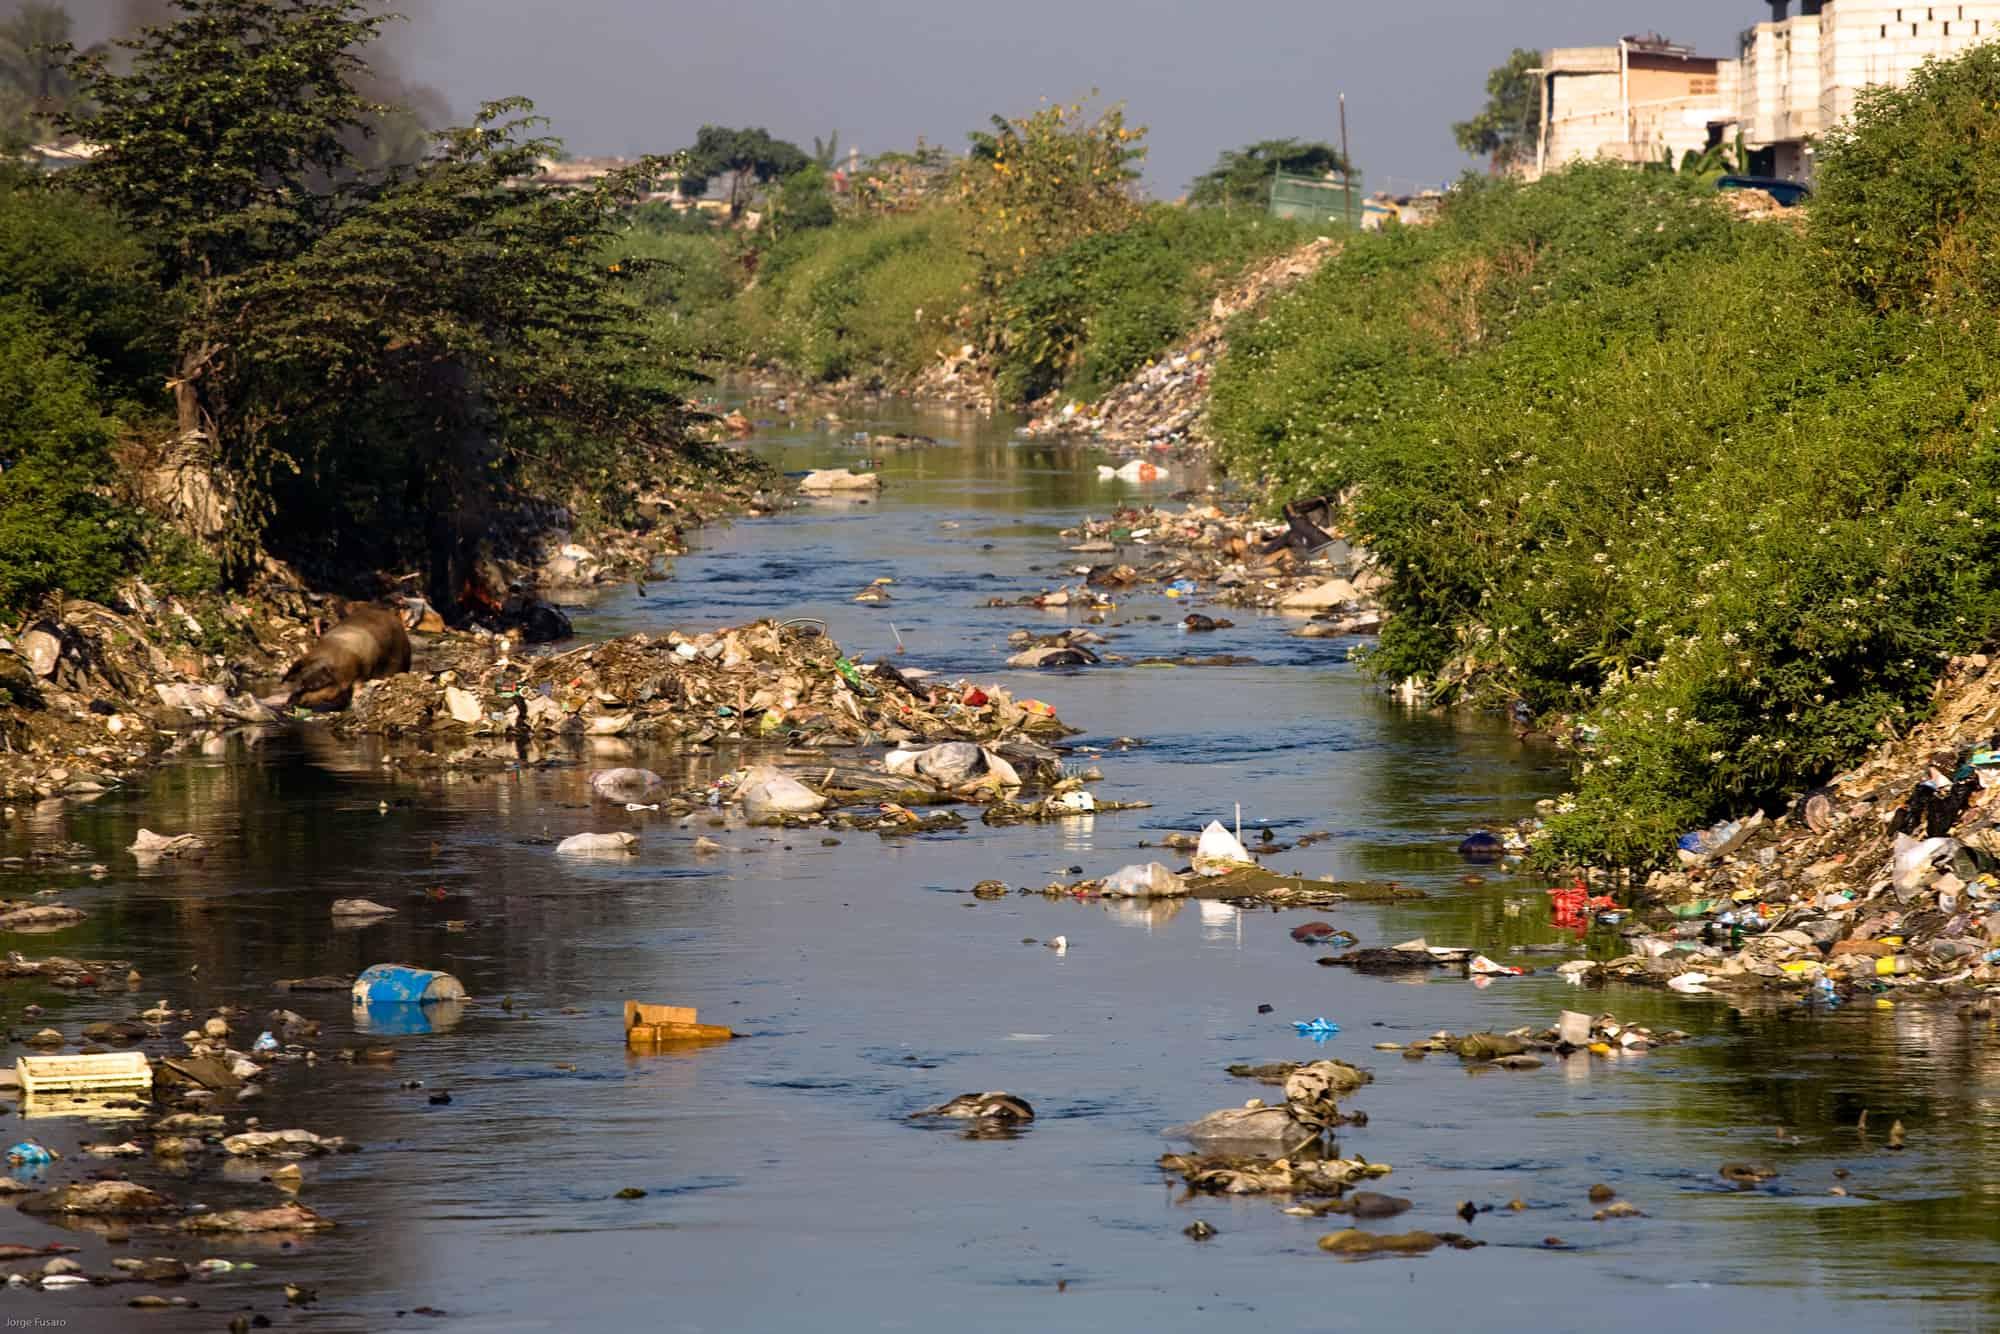 البحث في الصحف اليوميه او المجلات عن موضوع تلوث المياه